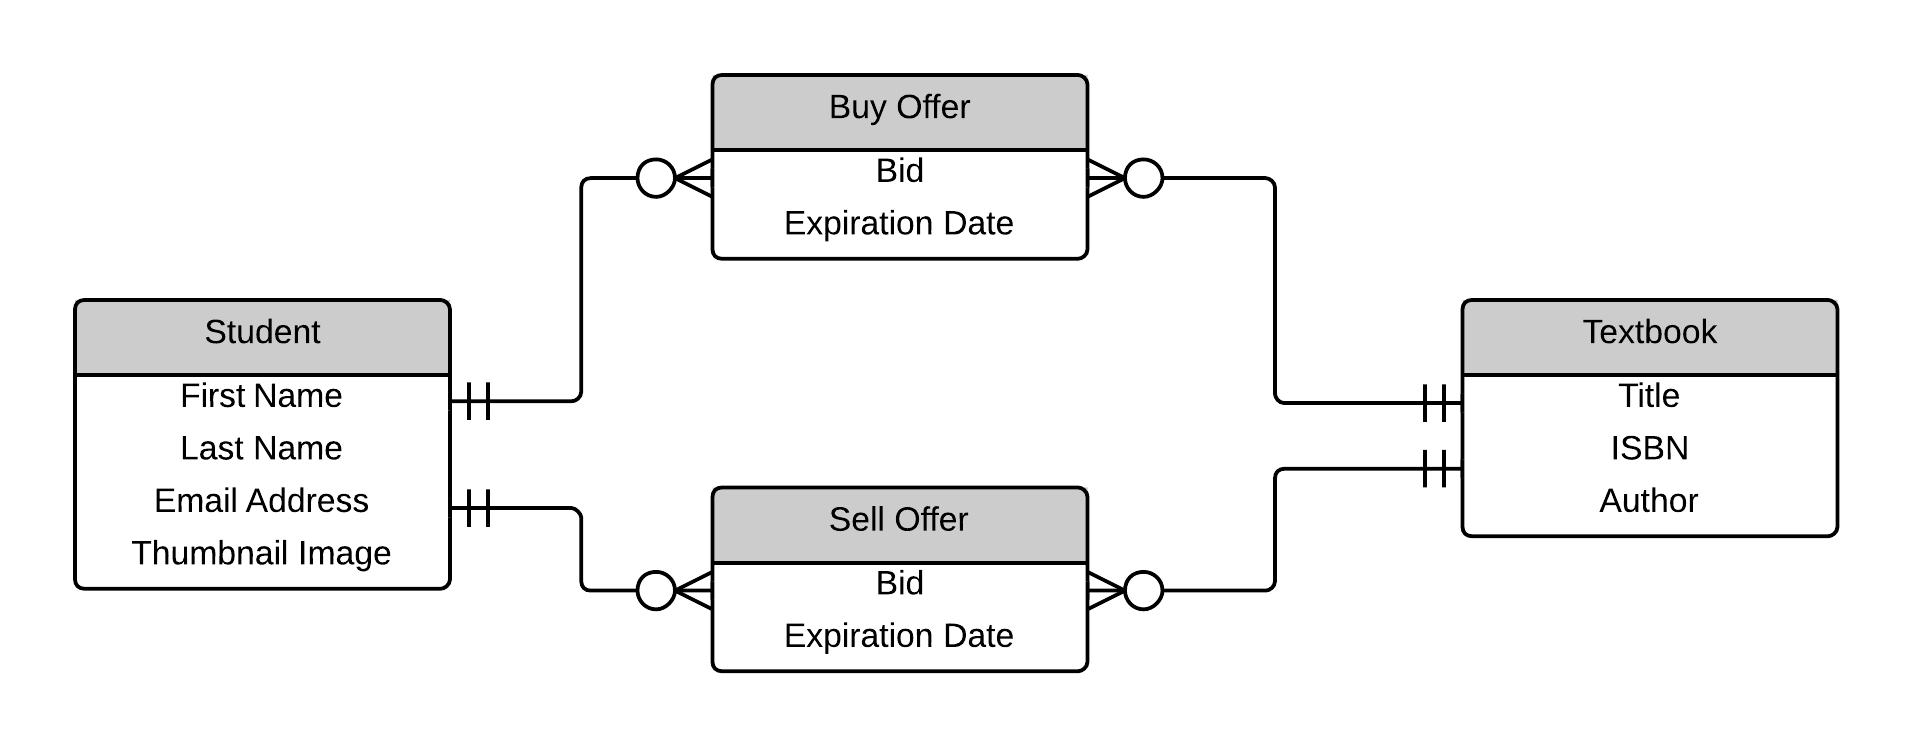 Textbook Mania Er Diagram Wod   Evan Komiyama in One To One Er Diagram Examples